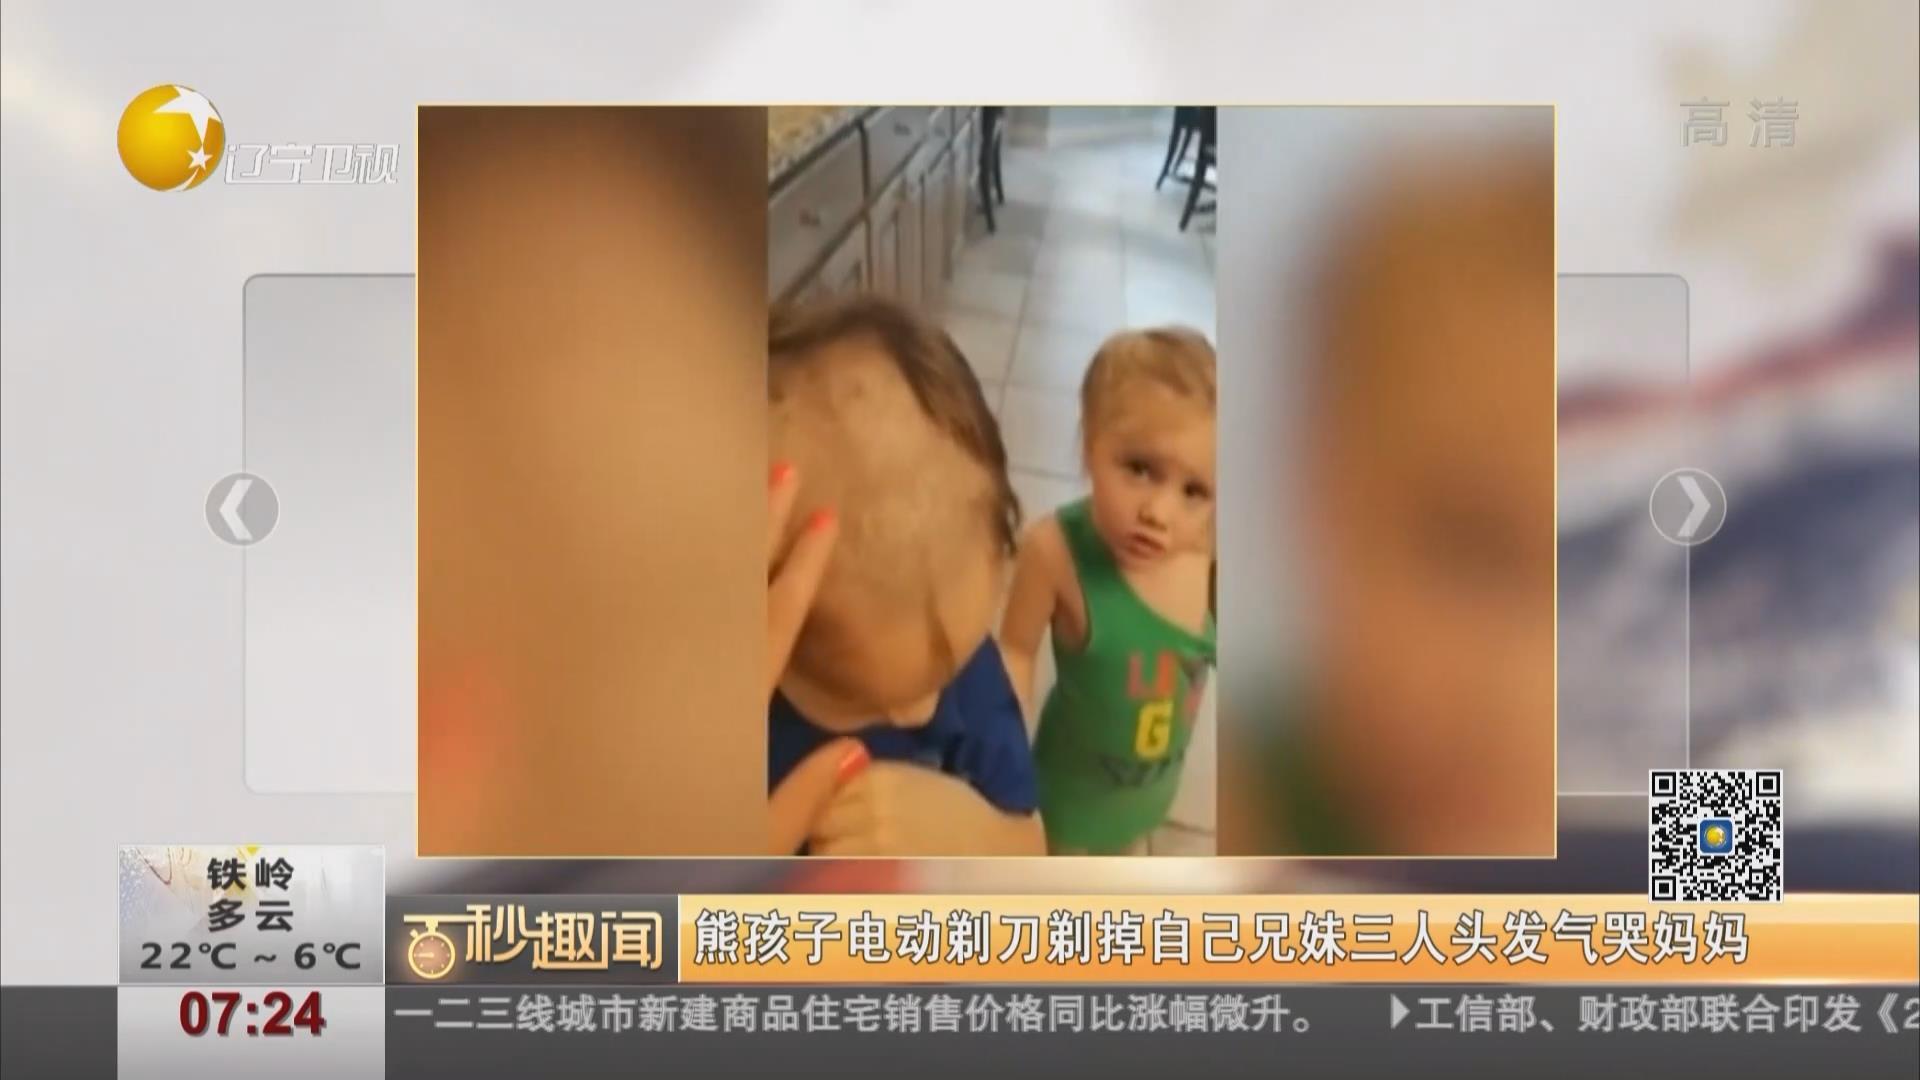 熊孩子電動剃刀剃掉自己兄妹三人頭發氣哭媽媽